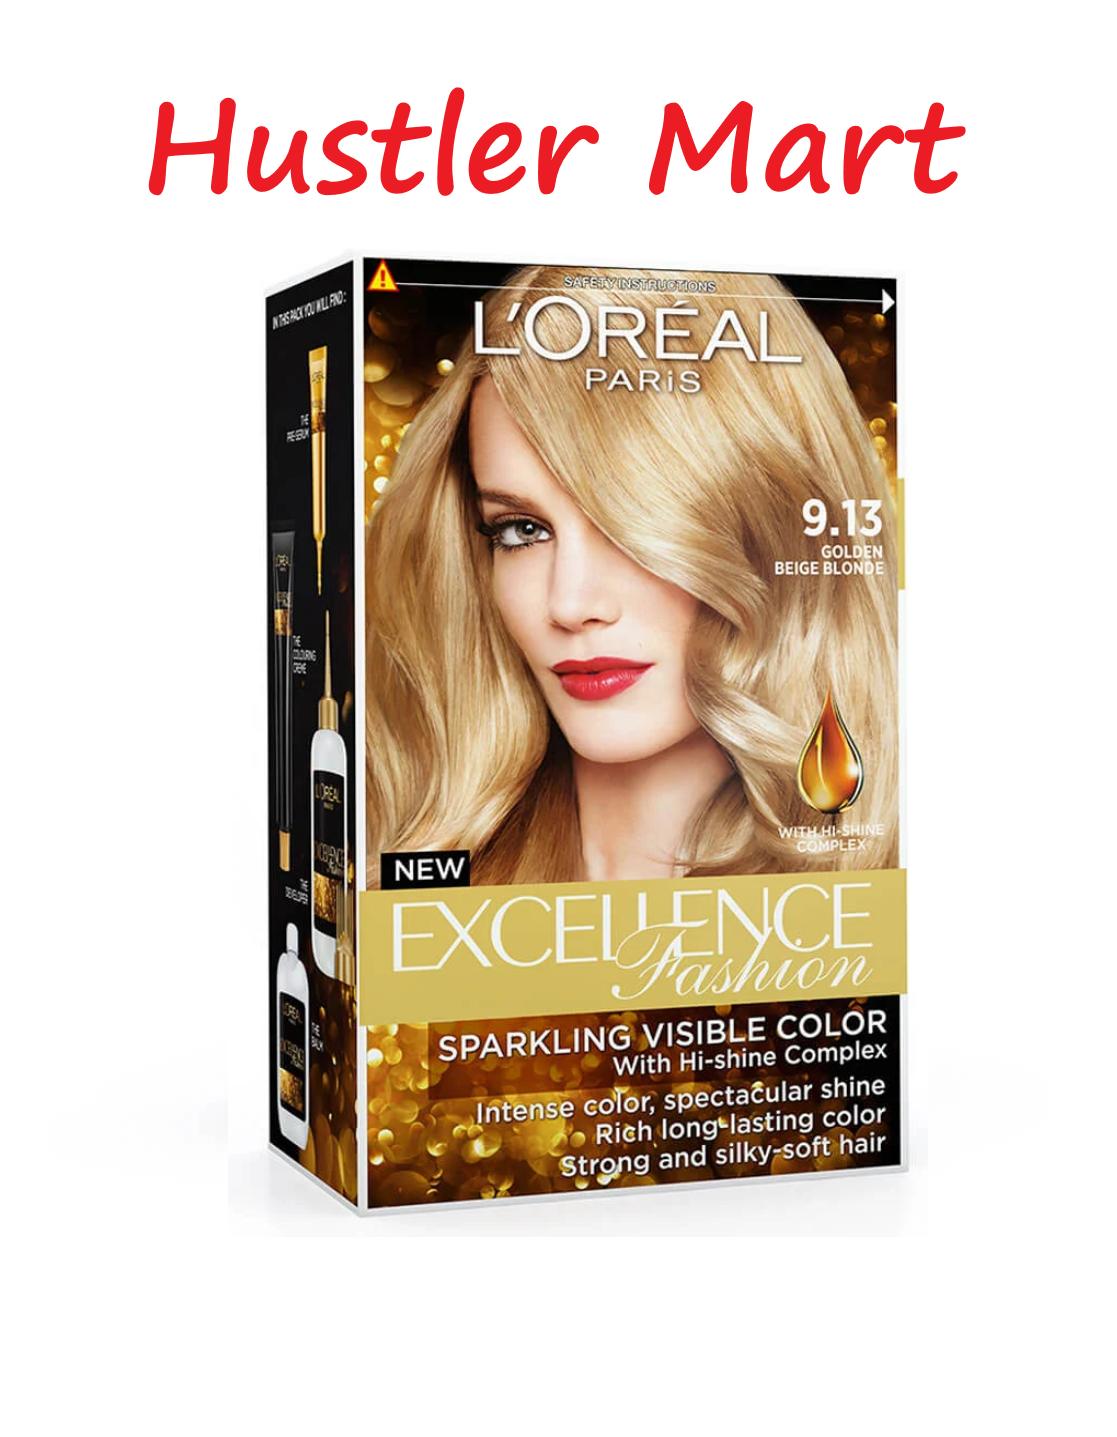 L'Oreal Paris EXCELLENCE Fashion Golden Beige Blonde 9.13